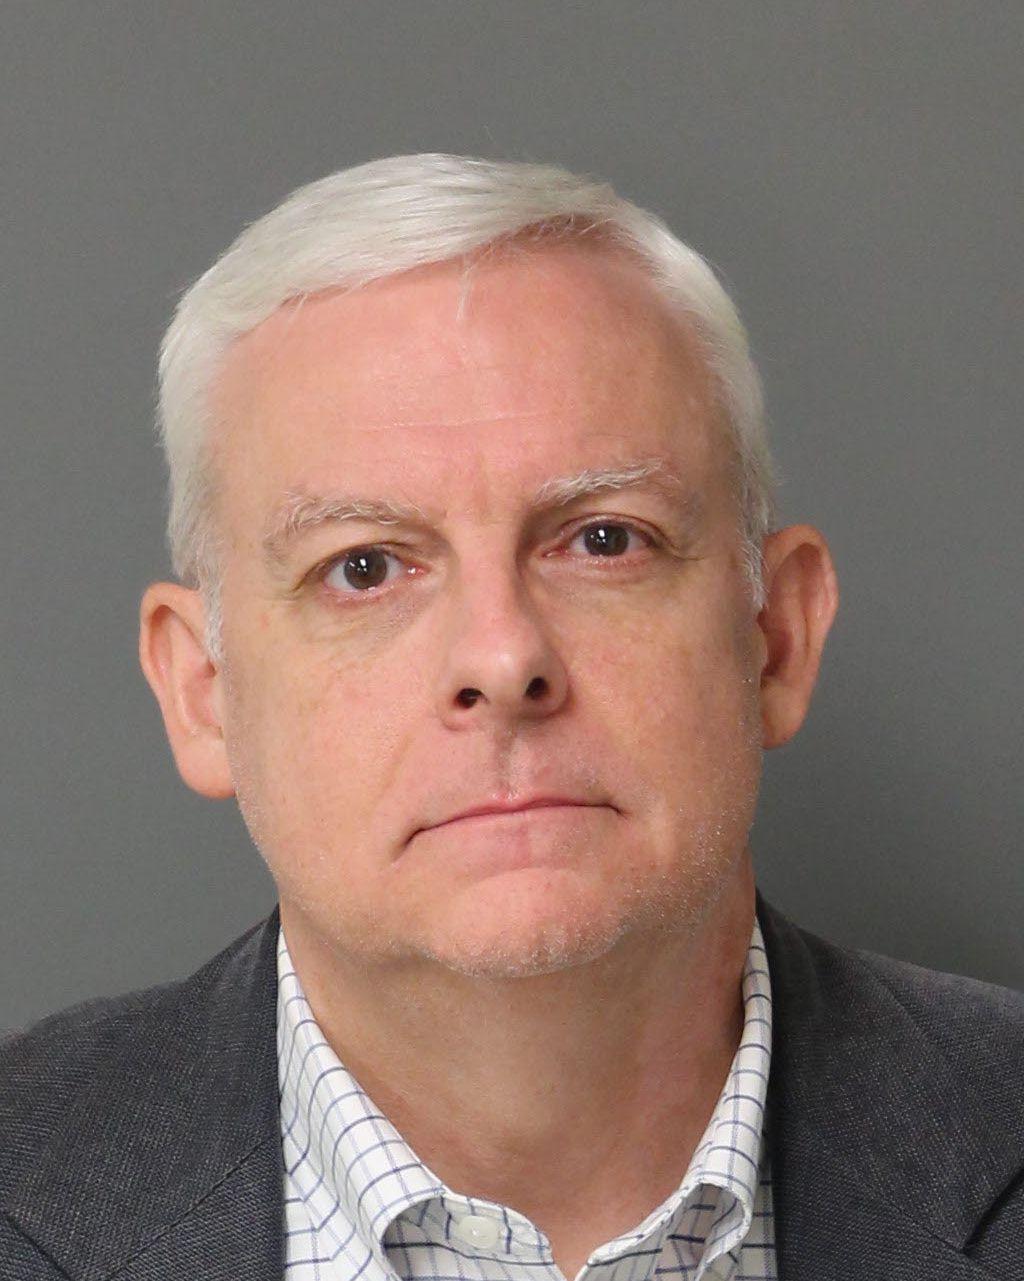 JOHN MICHAEL CLEGHORN Fotos y informacion de registros de registros publicos del condado de Wake County NC